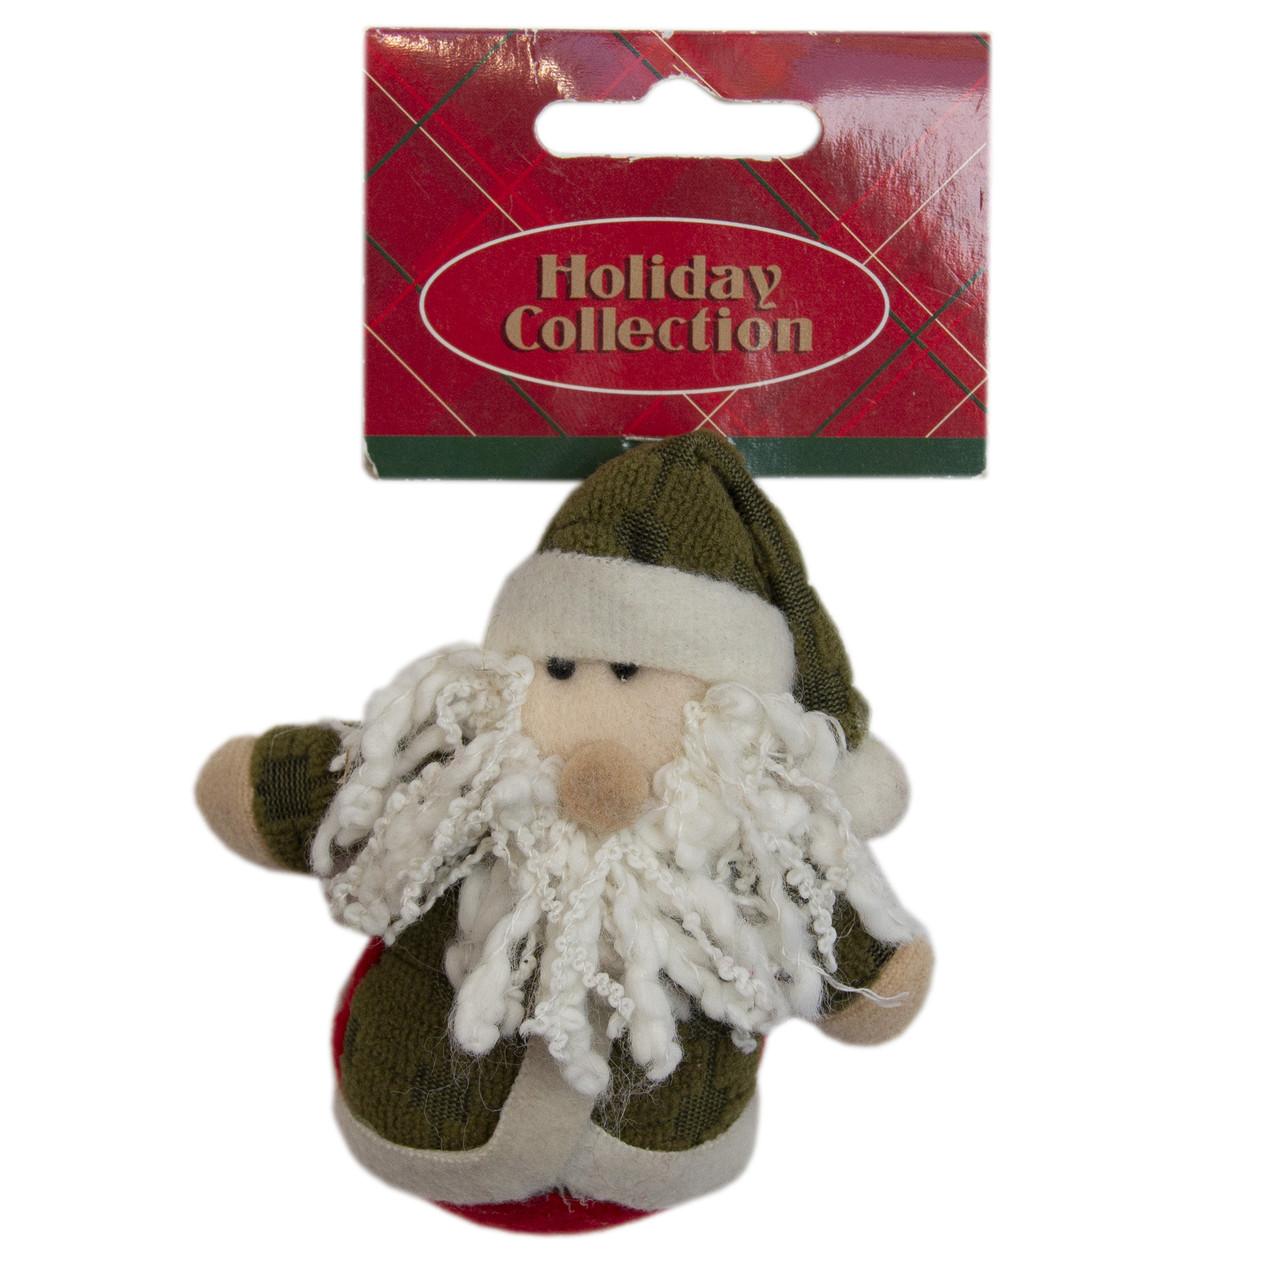 Елочная игрушка мягкая - Дед Мороз в зеленой кофте, 9 см, белый с зеленым, войлок (000258-1)